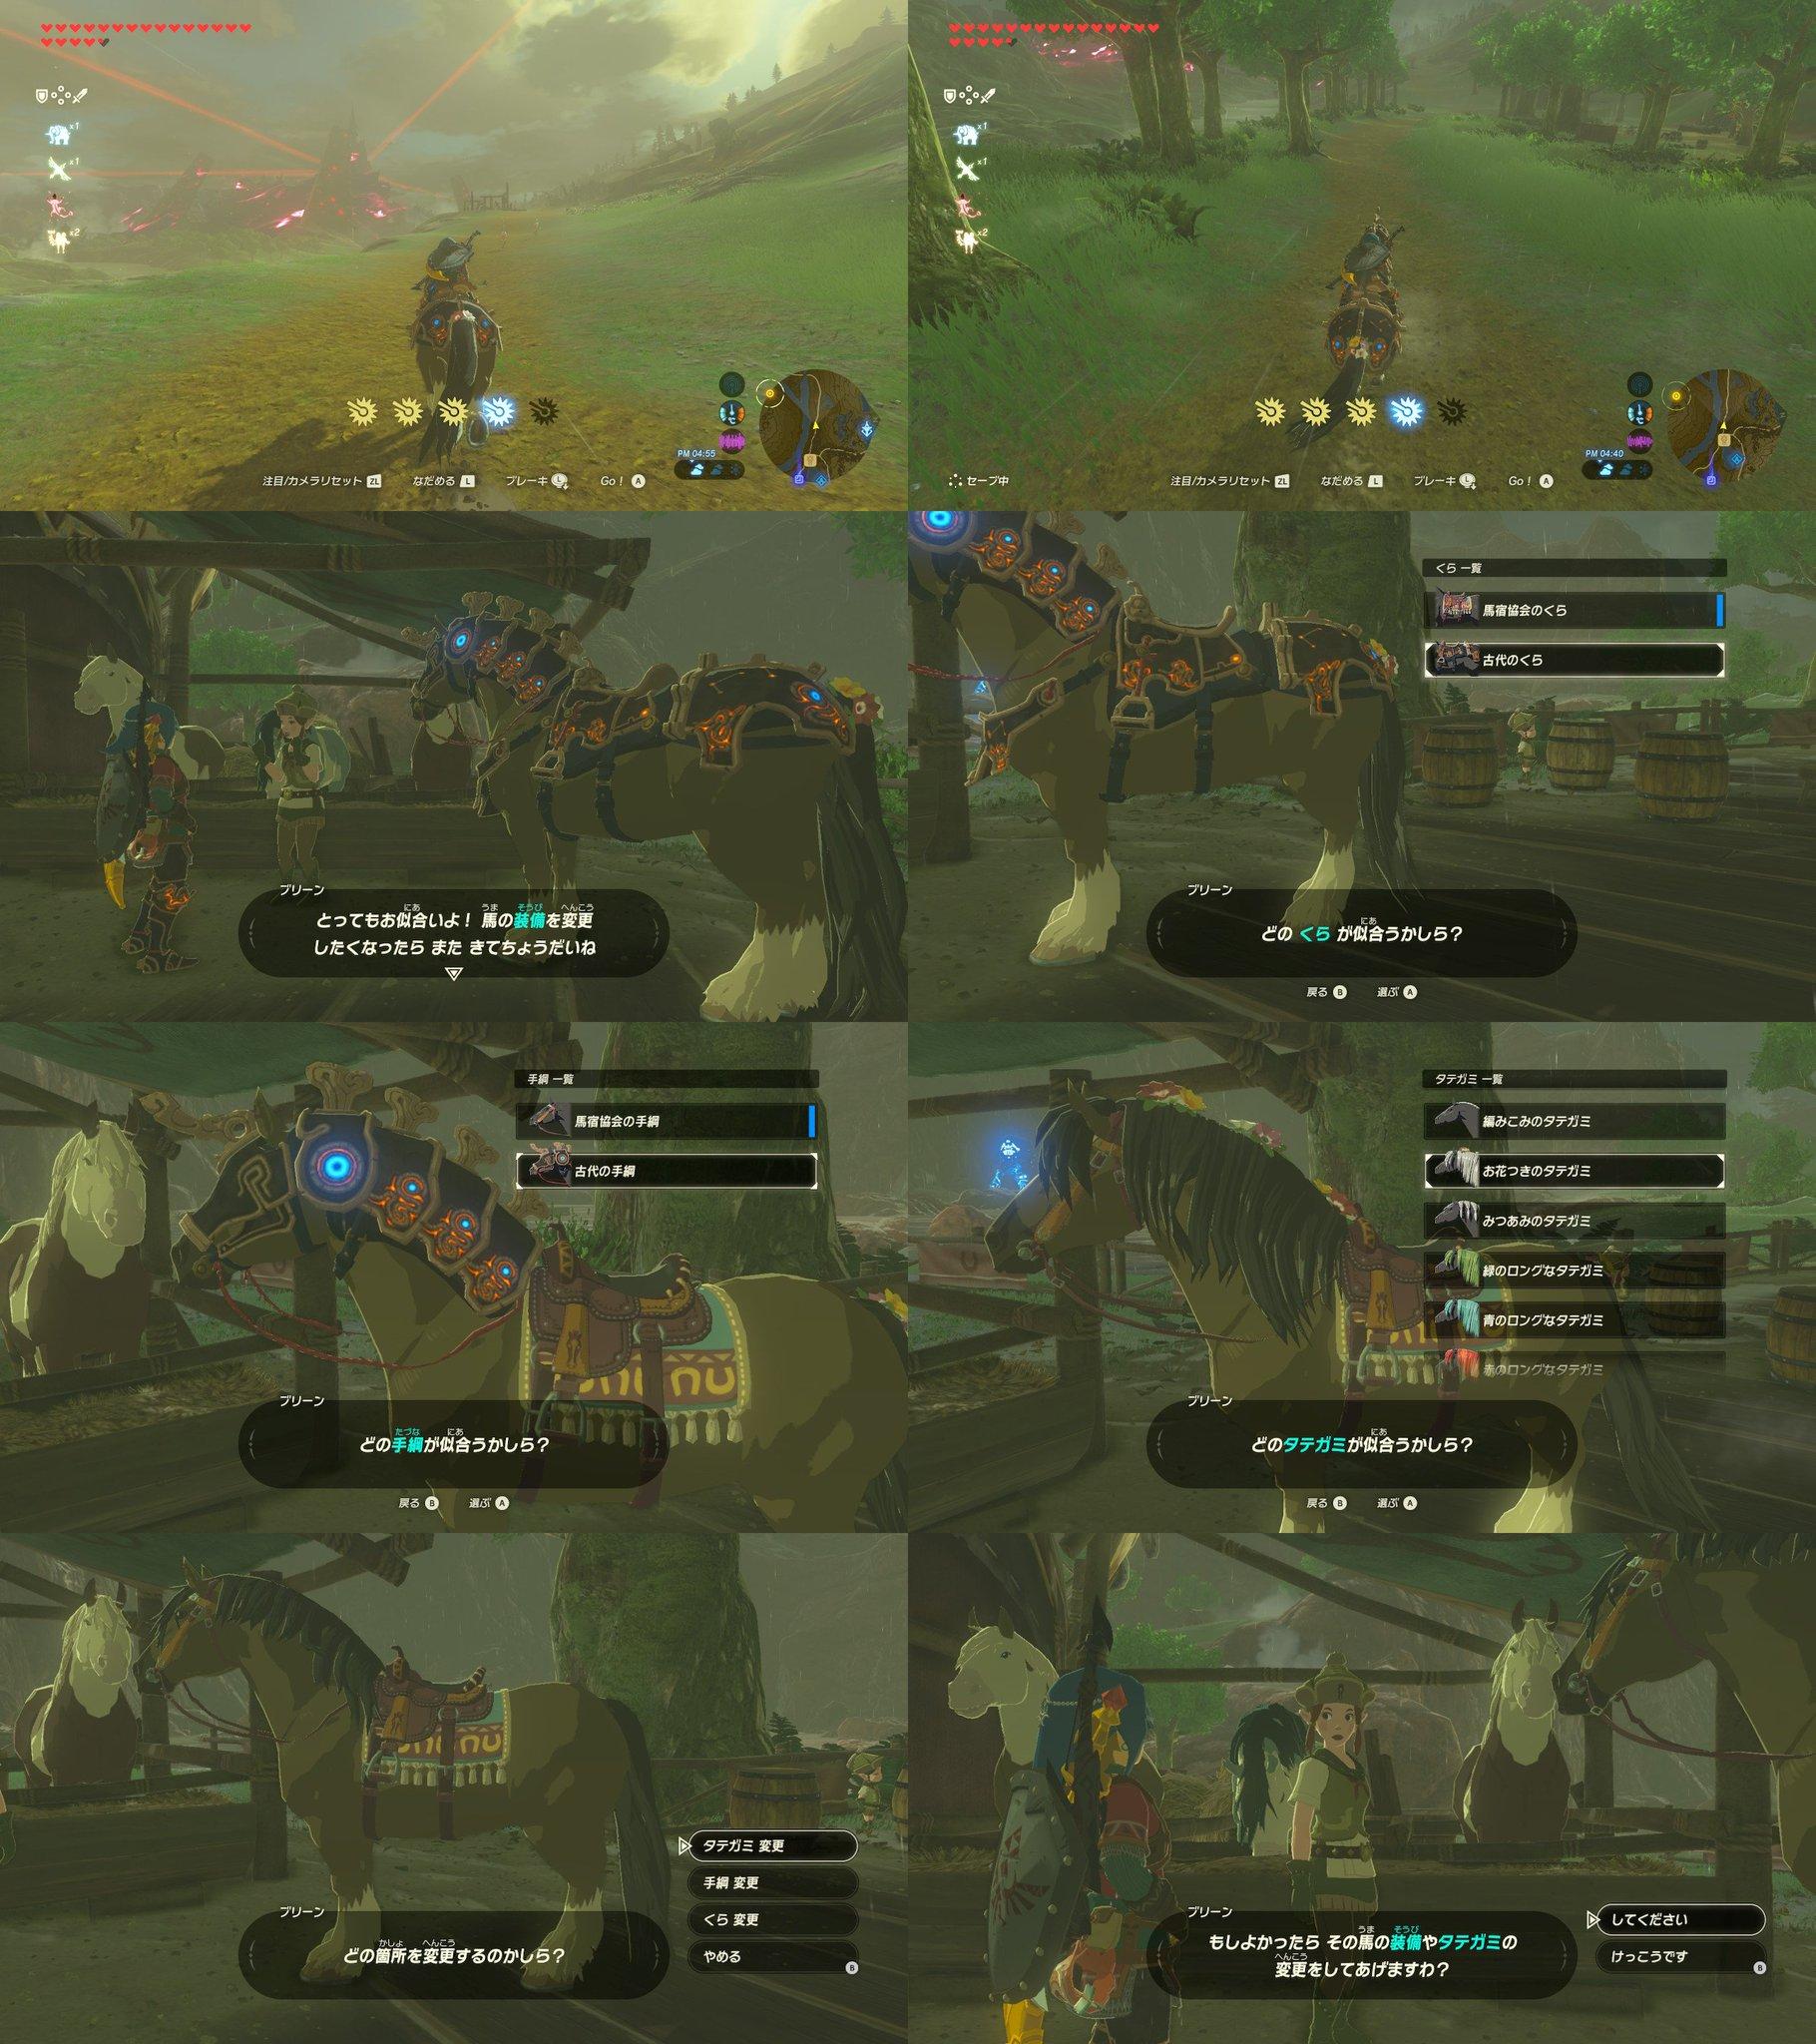 古代の手綱と鞍。持ってるだけでいいのかと思ったら、馬の装備を変えてくれる人がいたとは。 #ゼルダの伝説 #BreathoftheWild #NintendoSwitch https://t.co/7qOaIqwFd2